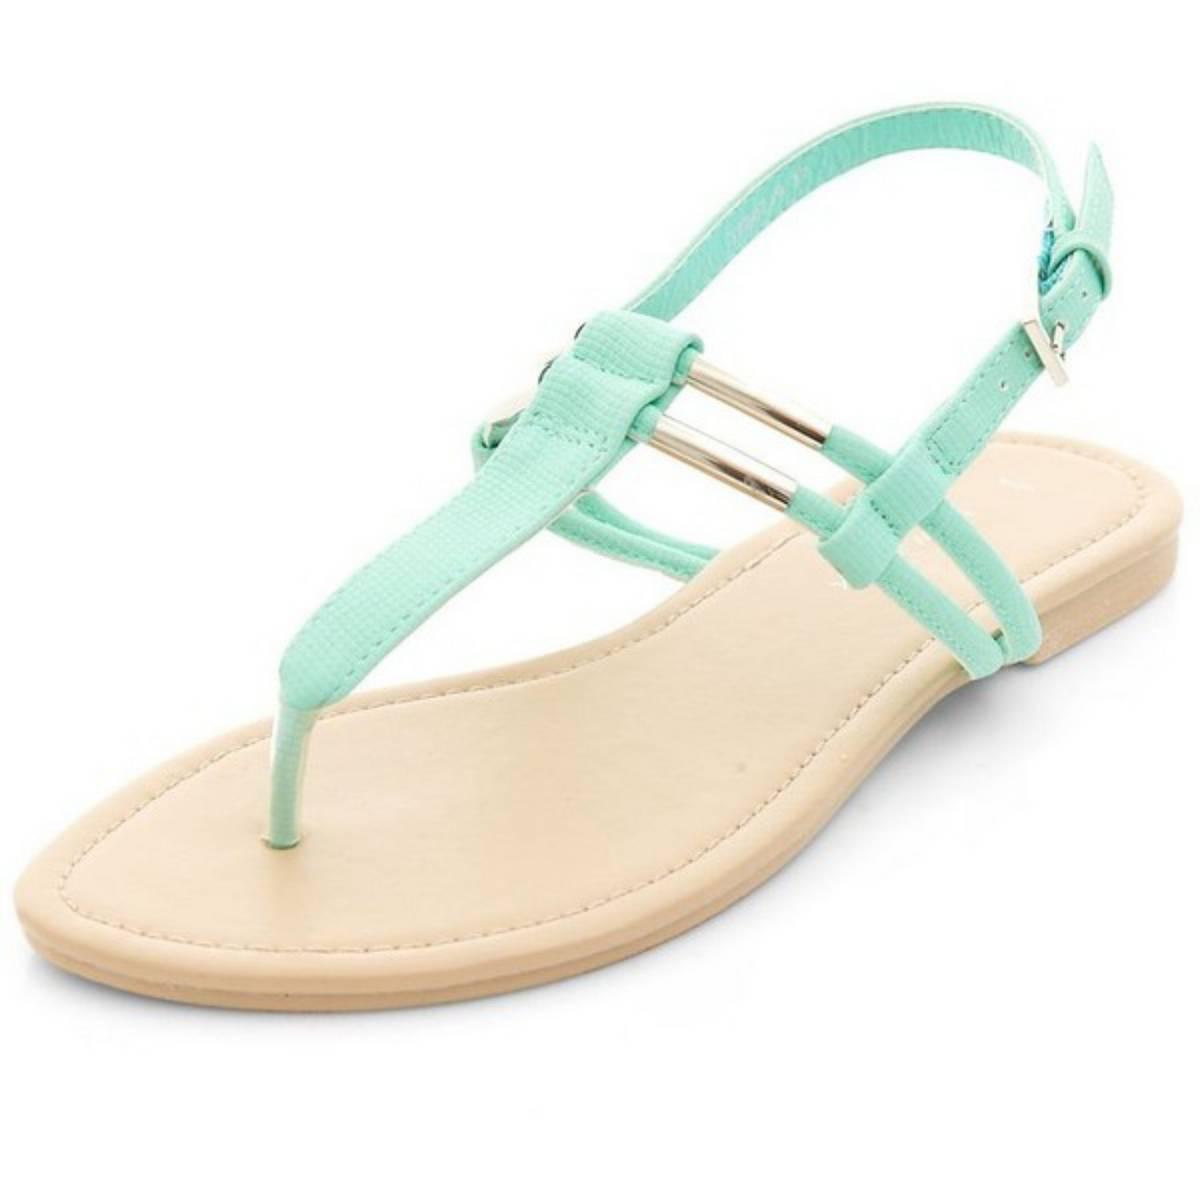 Hamzar Footwear - Ladies flat sandal